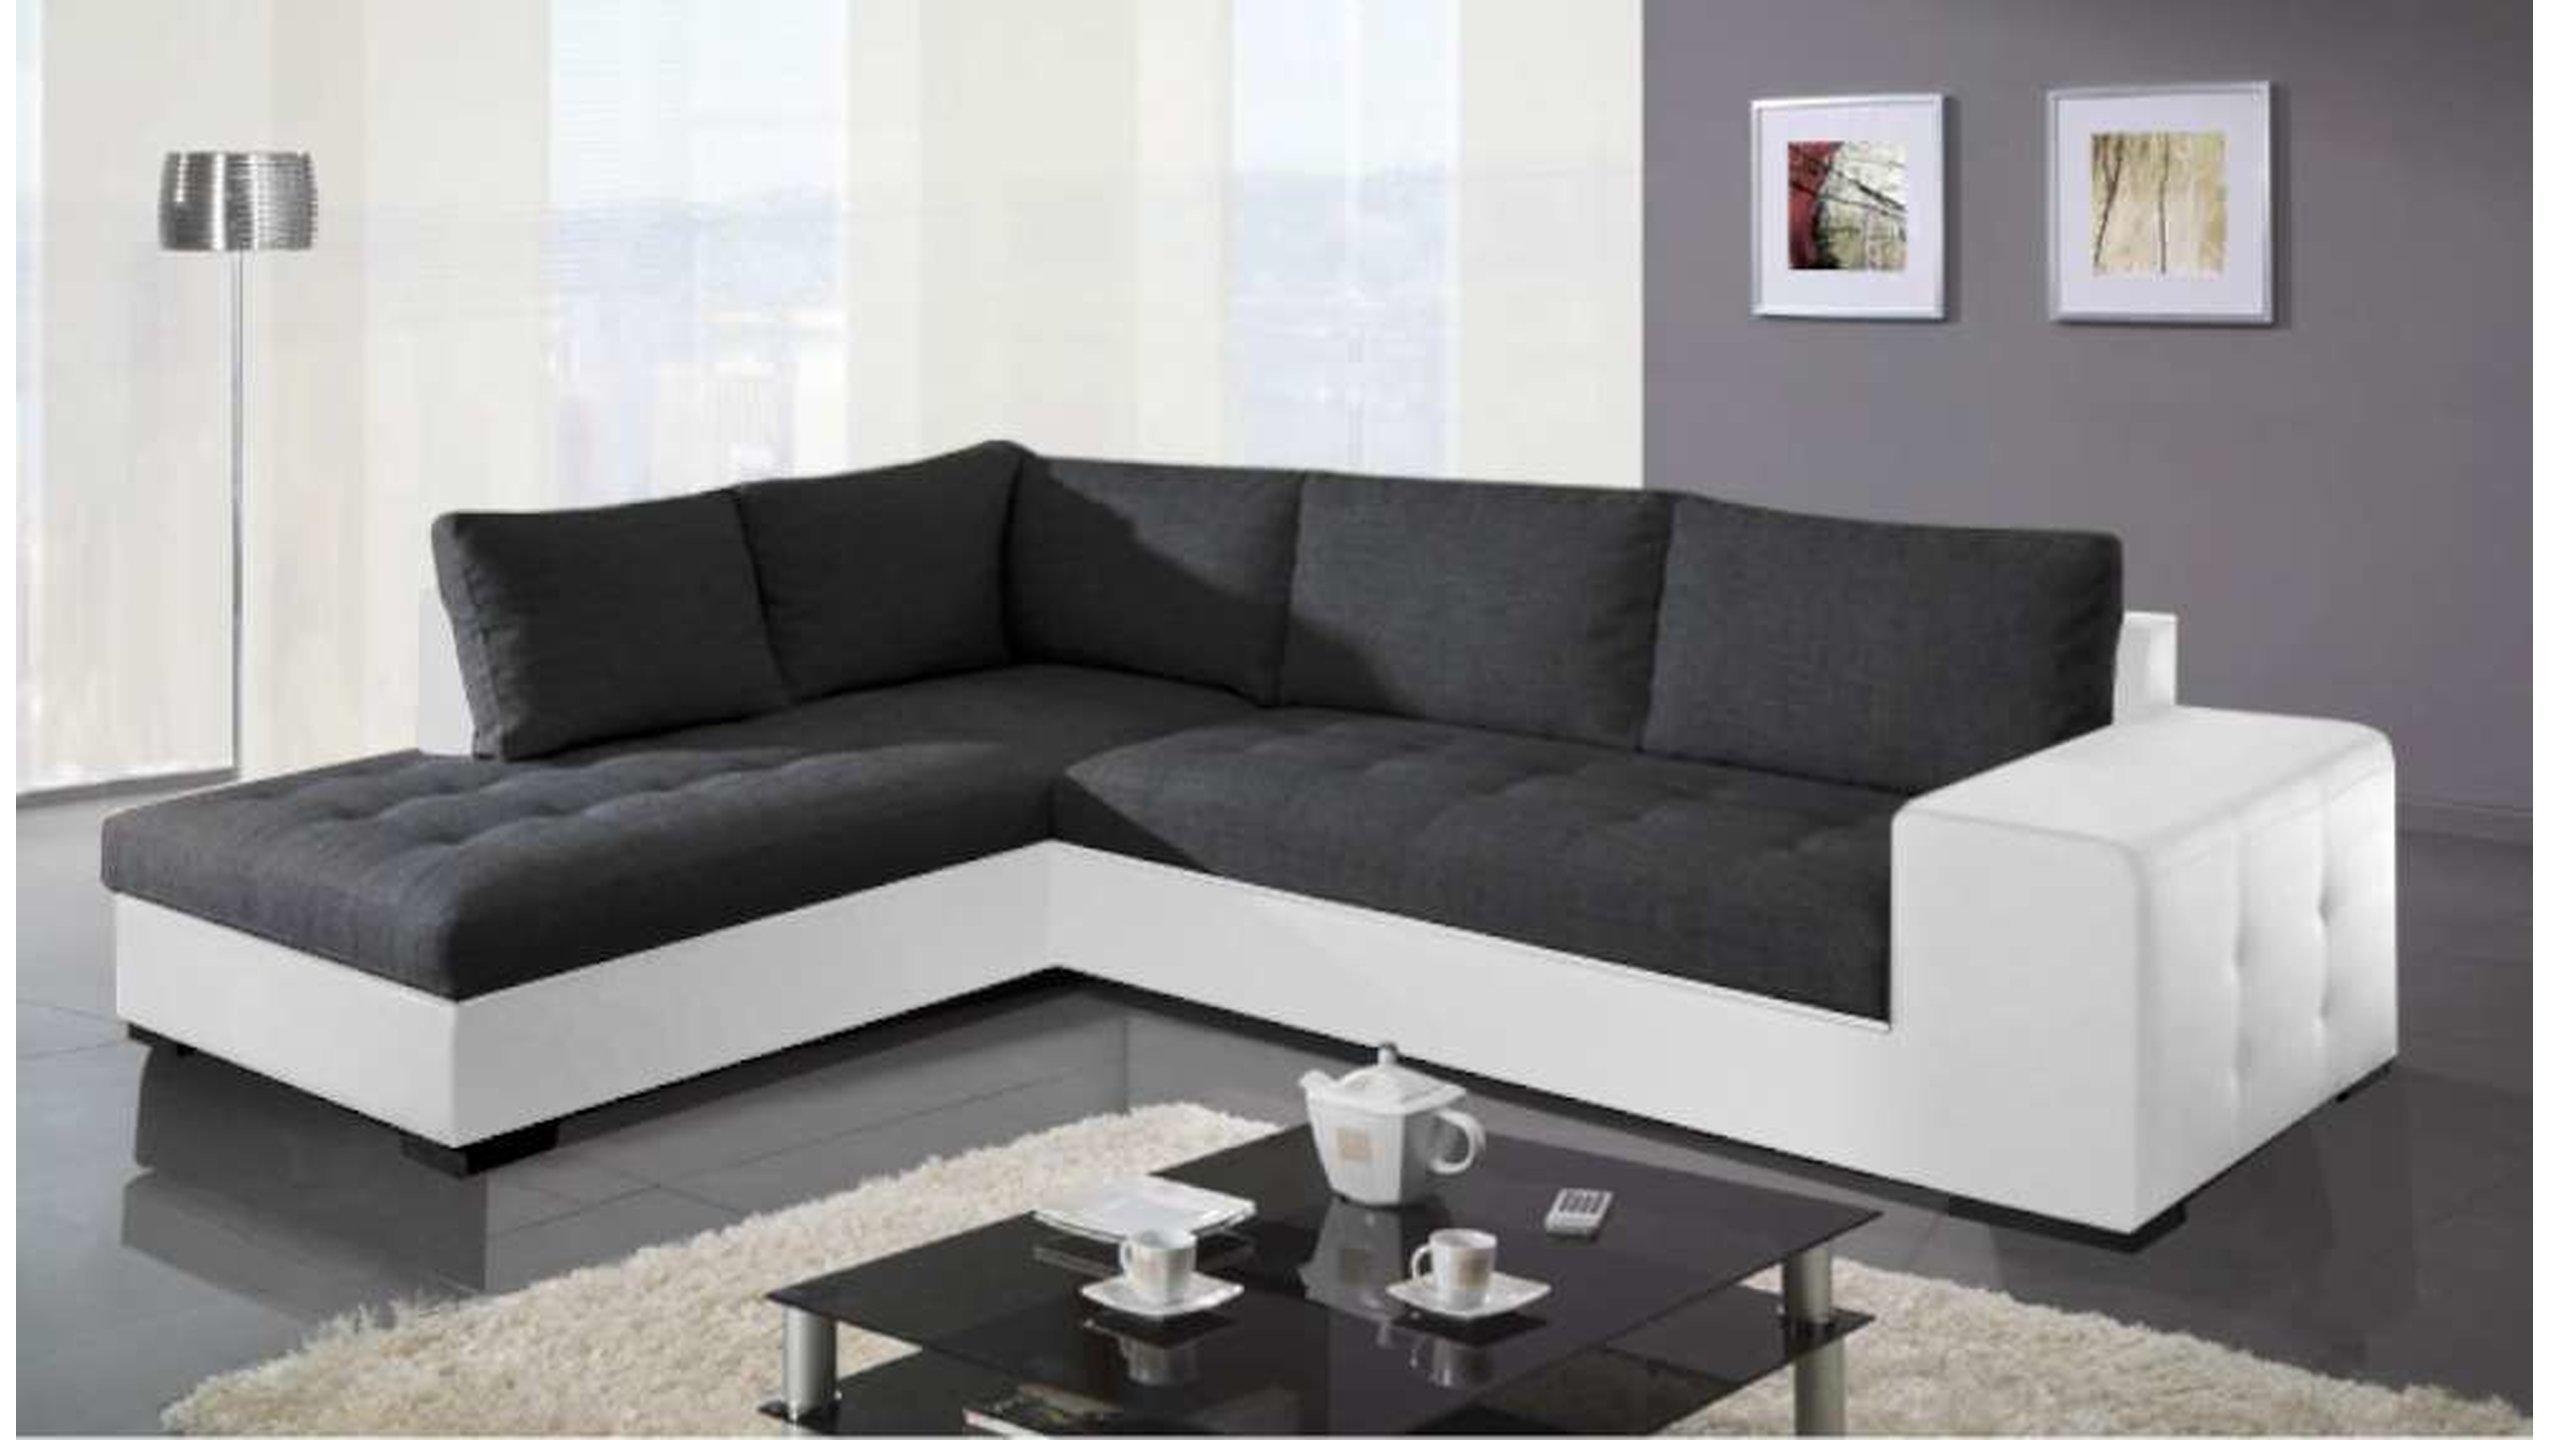 divano angolare bianco e nero per soggiorno moderno.